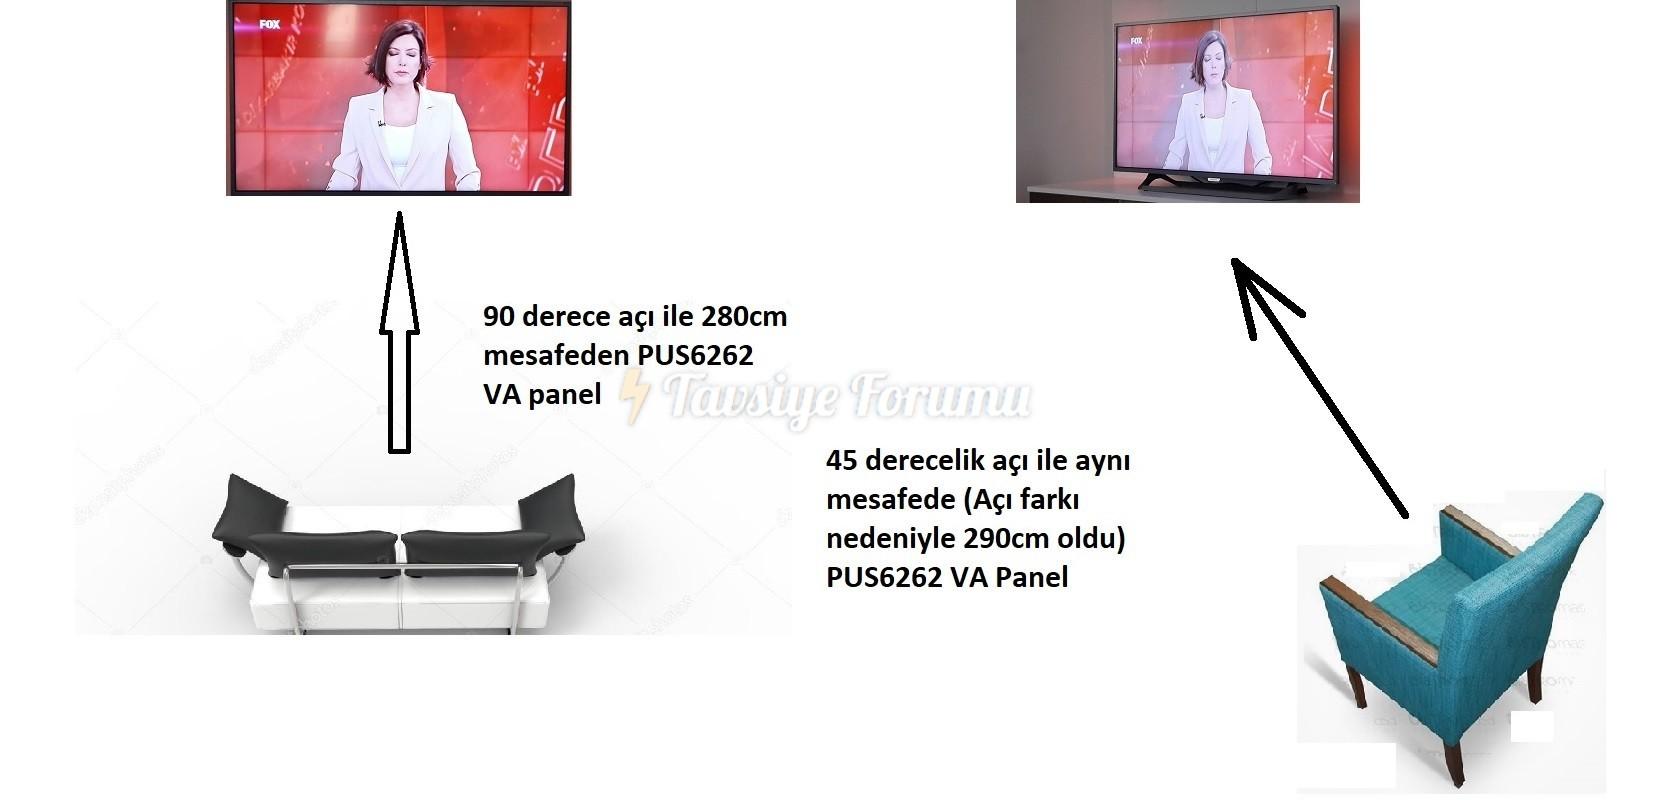 pus6262-aci-farki-jpg.jpg